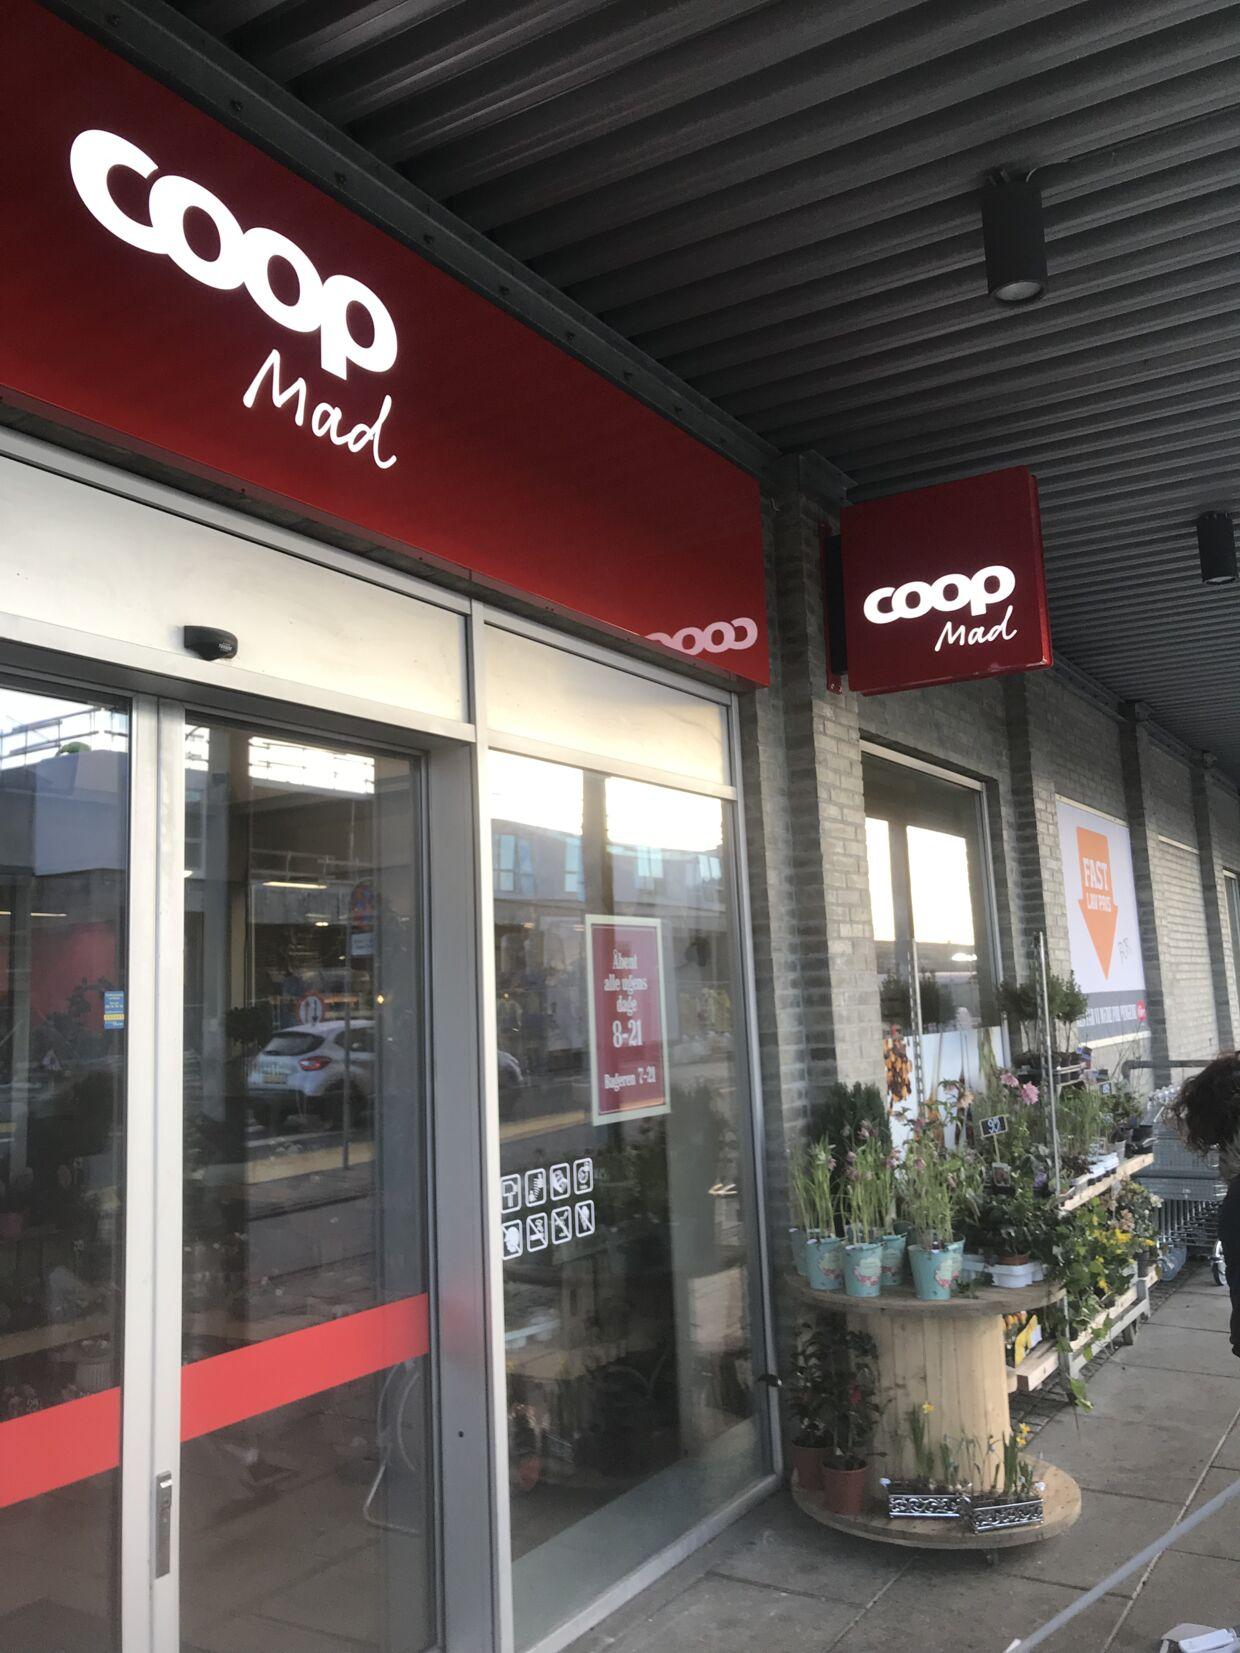 SuperBrugsen i Trekroner hedder nu Coop Mad.